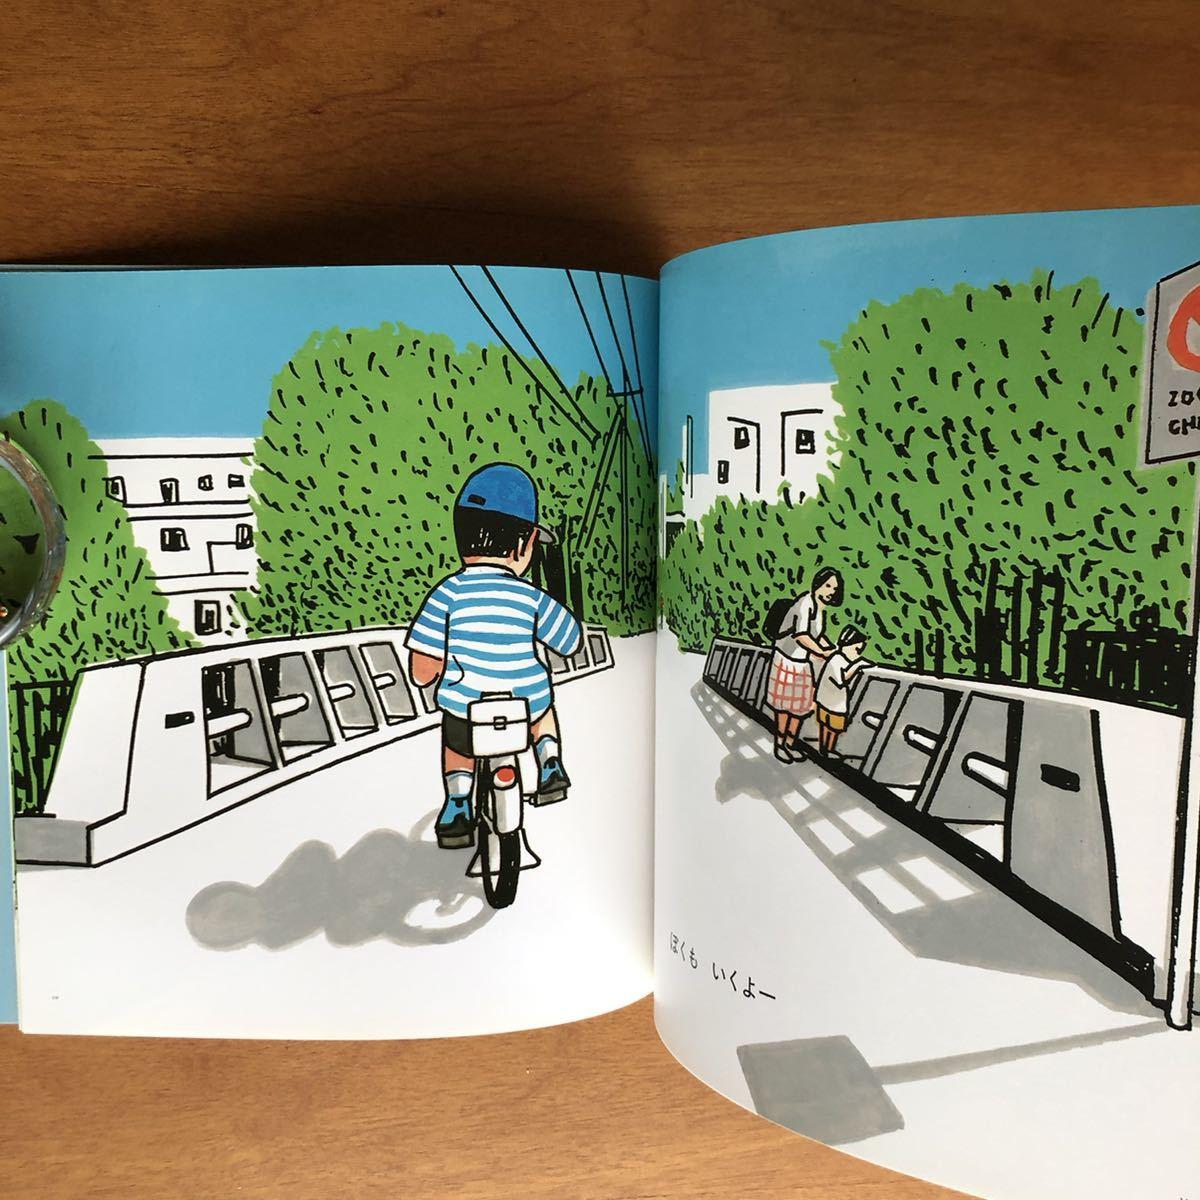 こどものとも年少版 みんなで はしろう 白川三雄 2002年 初版 絶版 古い 絵本 育児 保育 読み聞かせ 幼児 動物